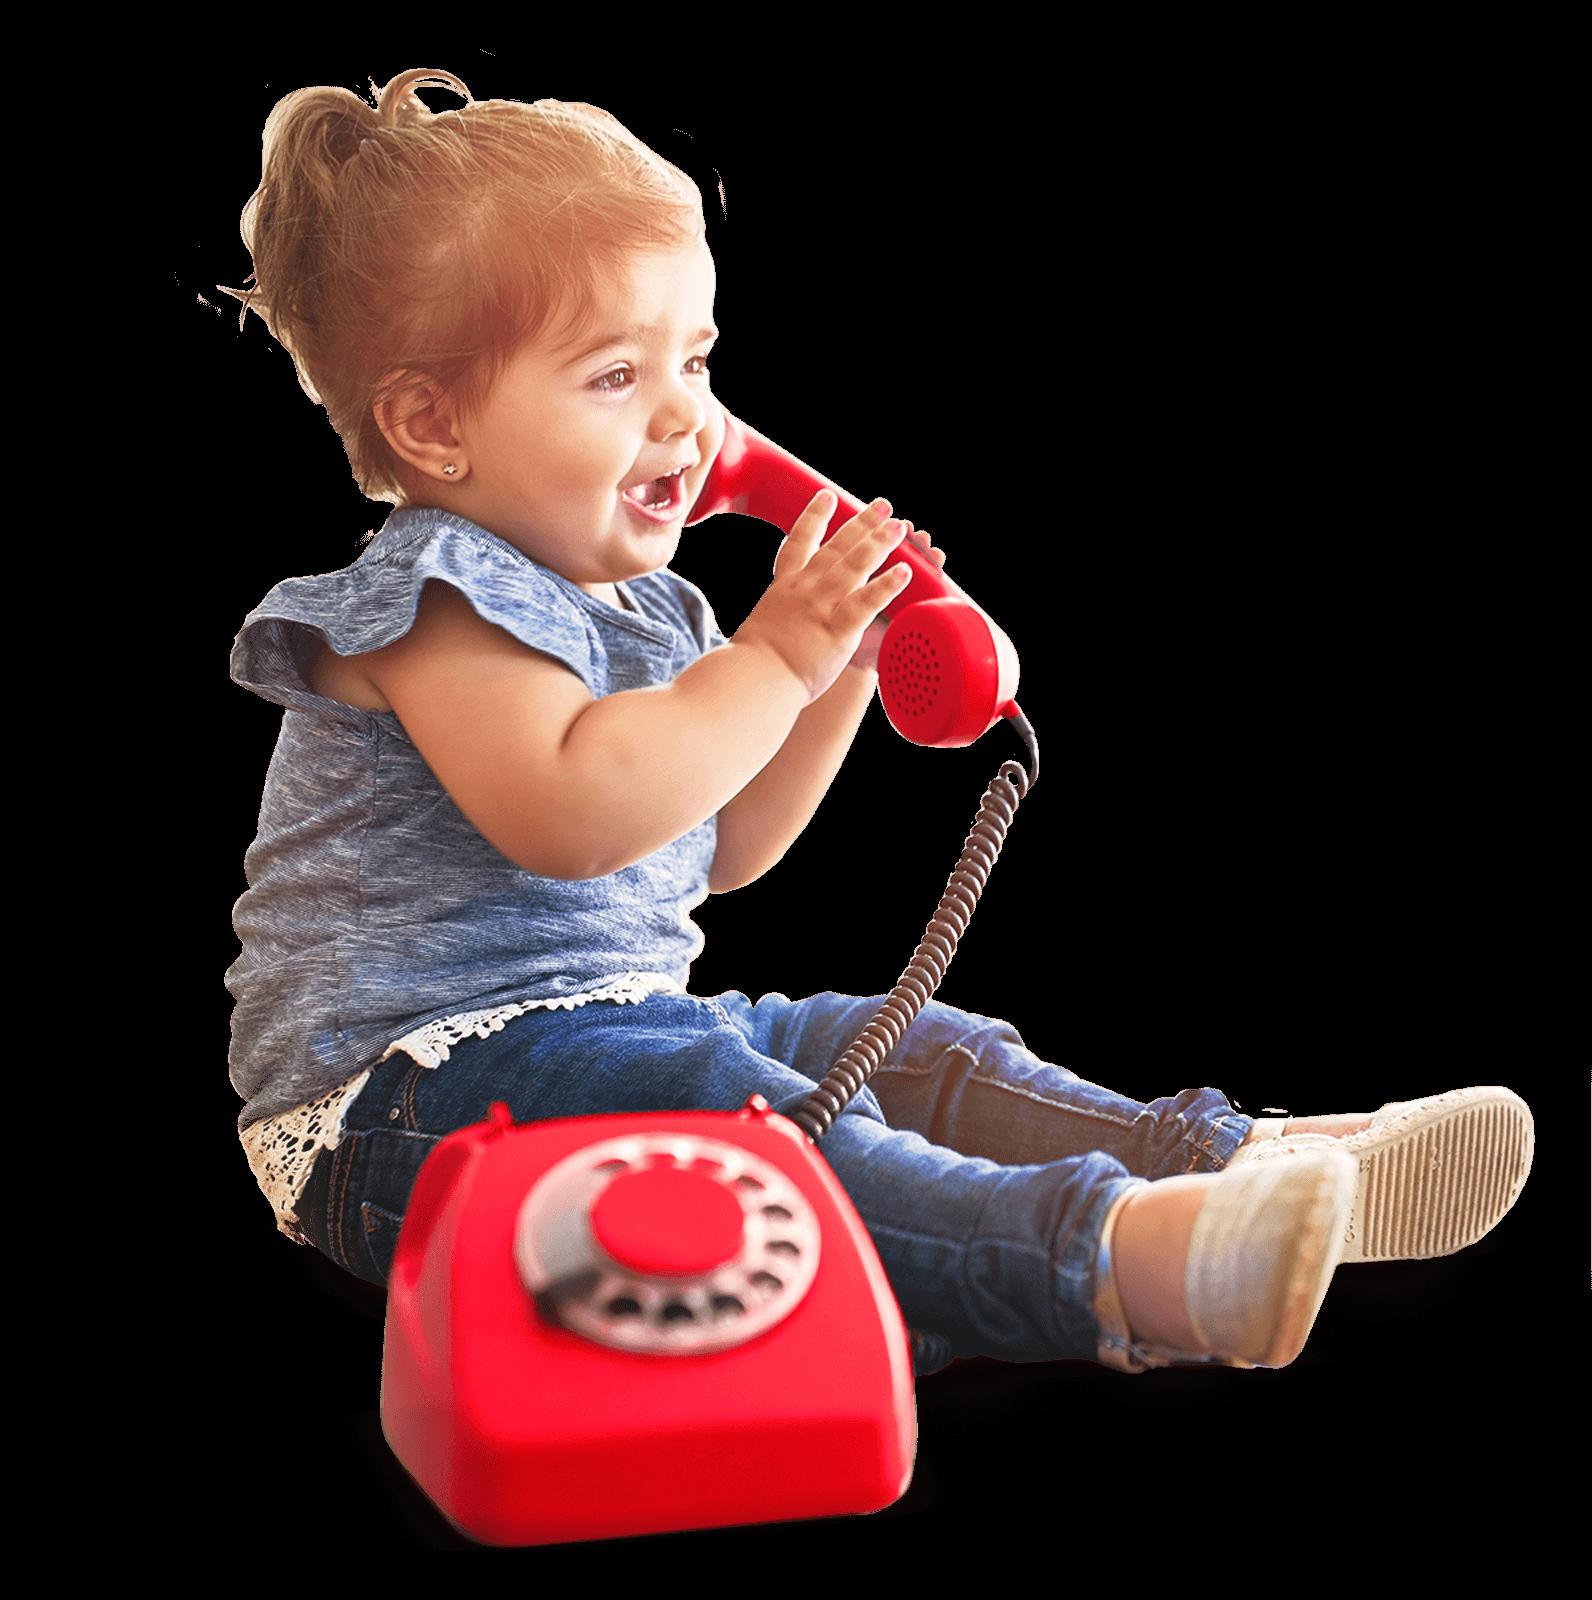 Kontakt Kind spricht mit Spieltelefon